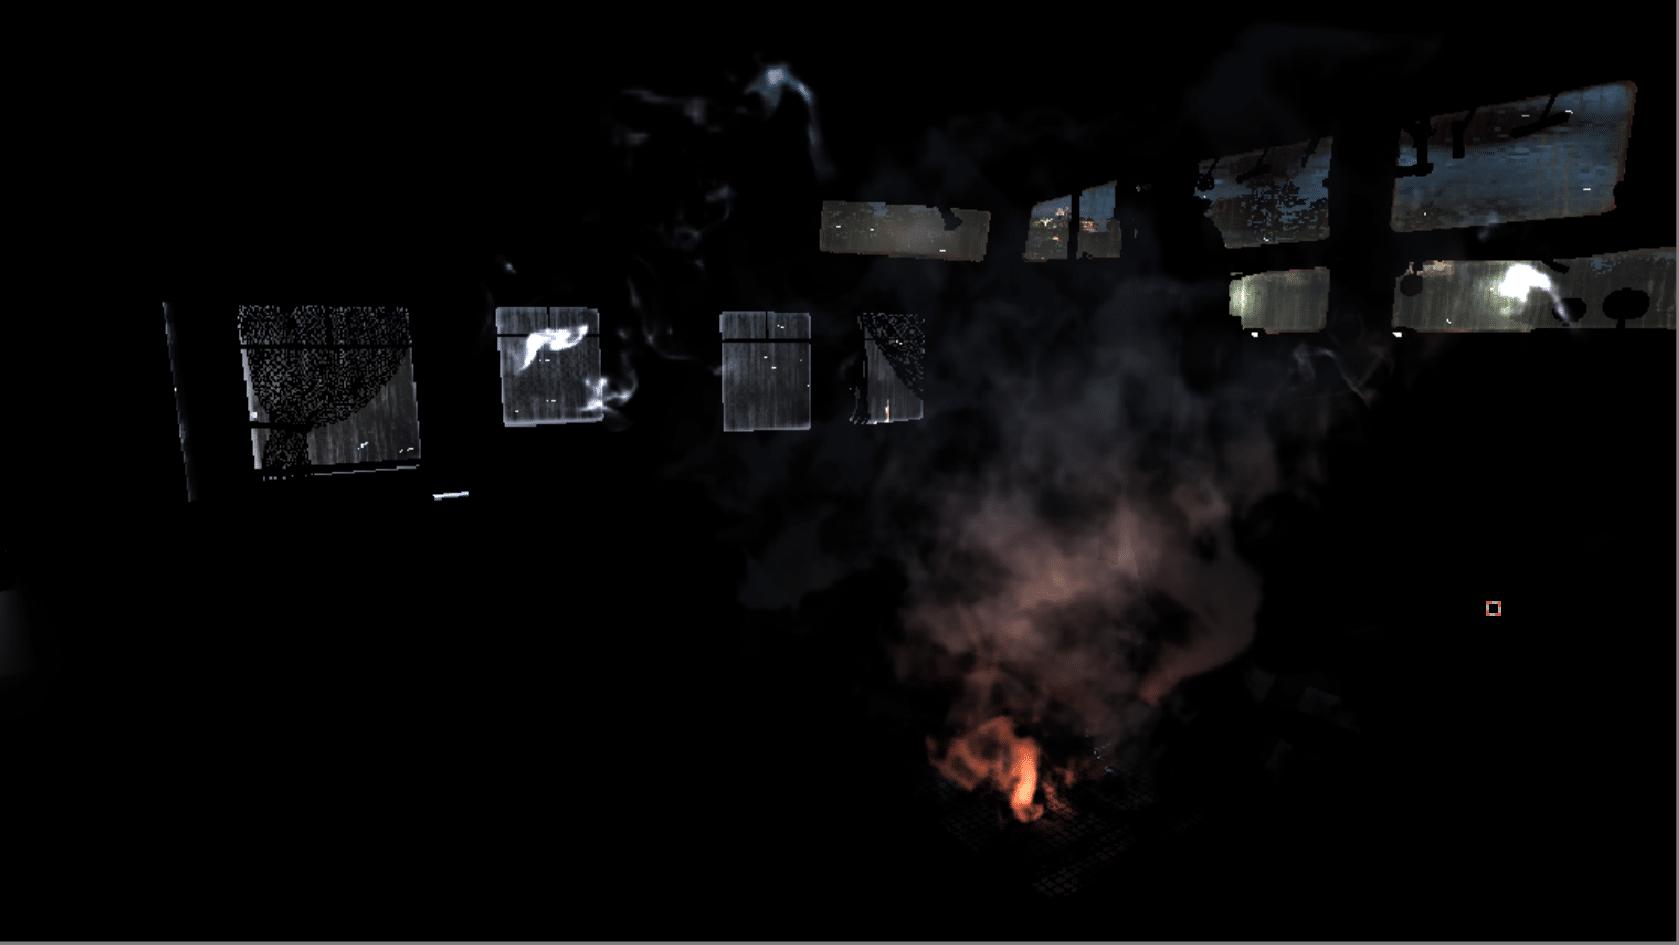 Особенности рендеринга в игре Metro: Exodus c raytracing - 13